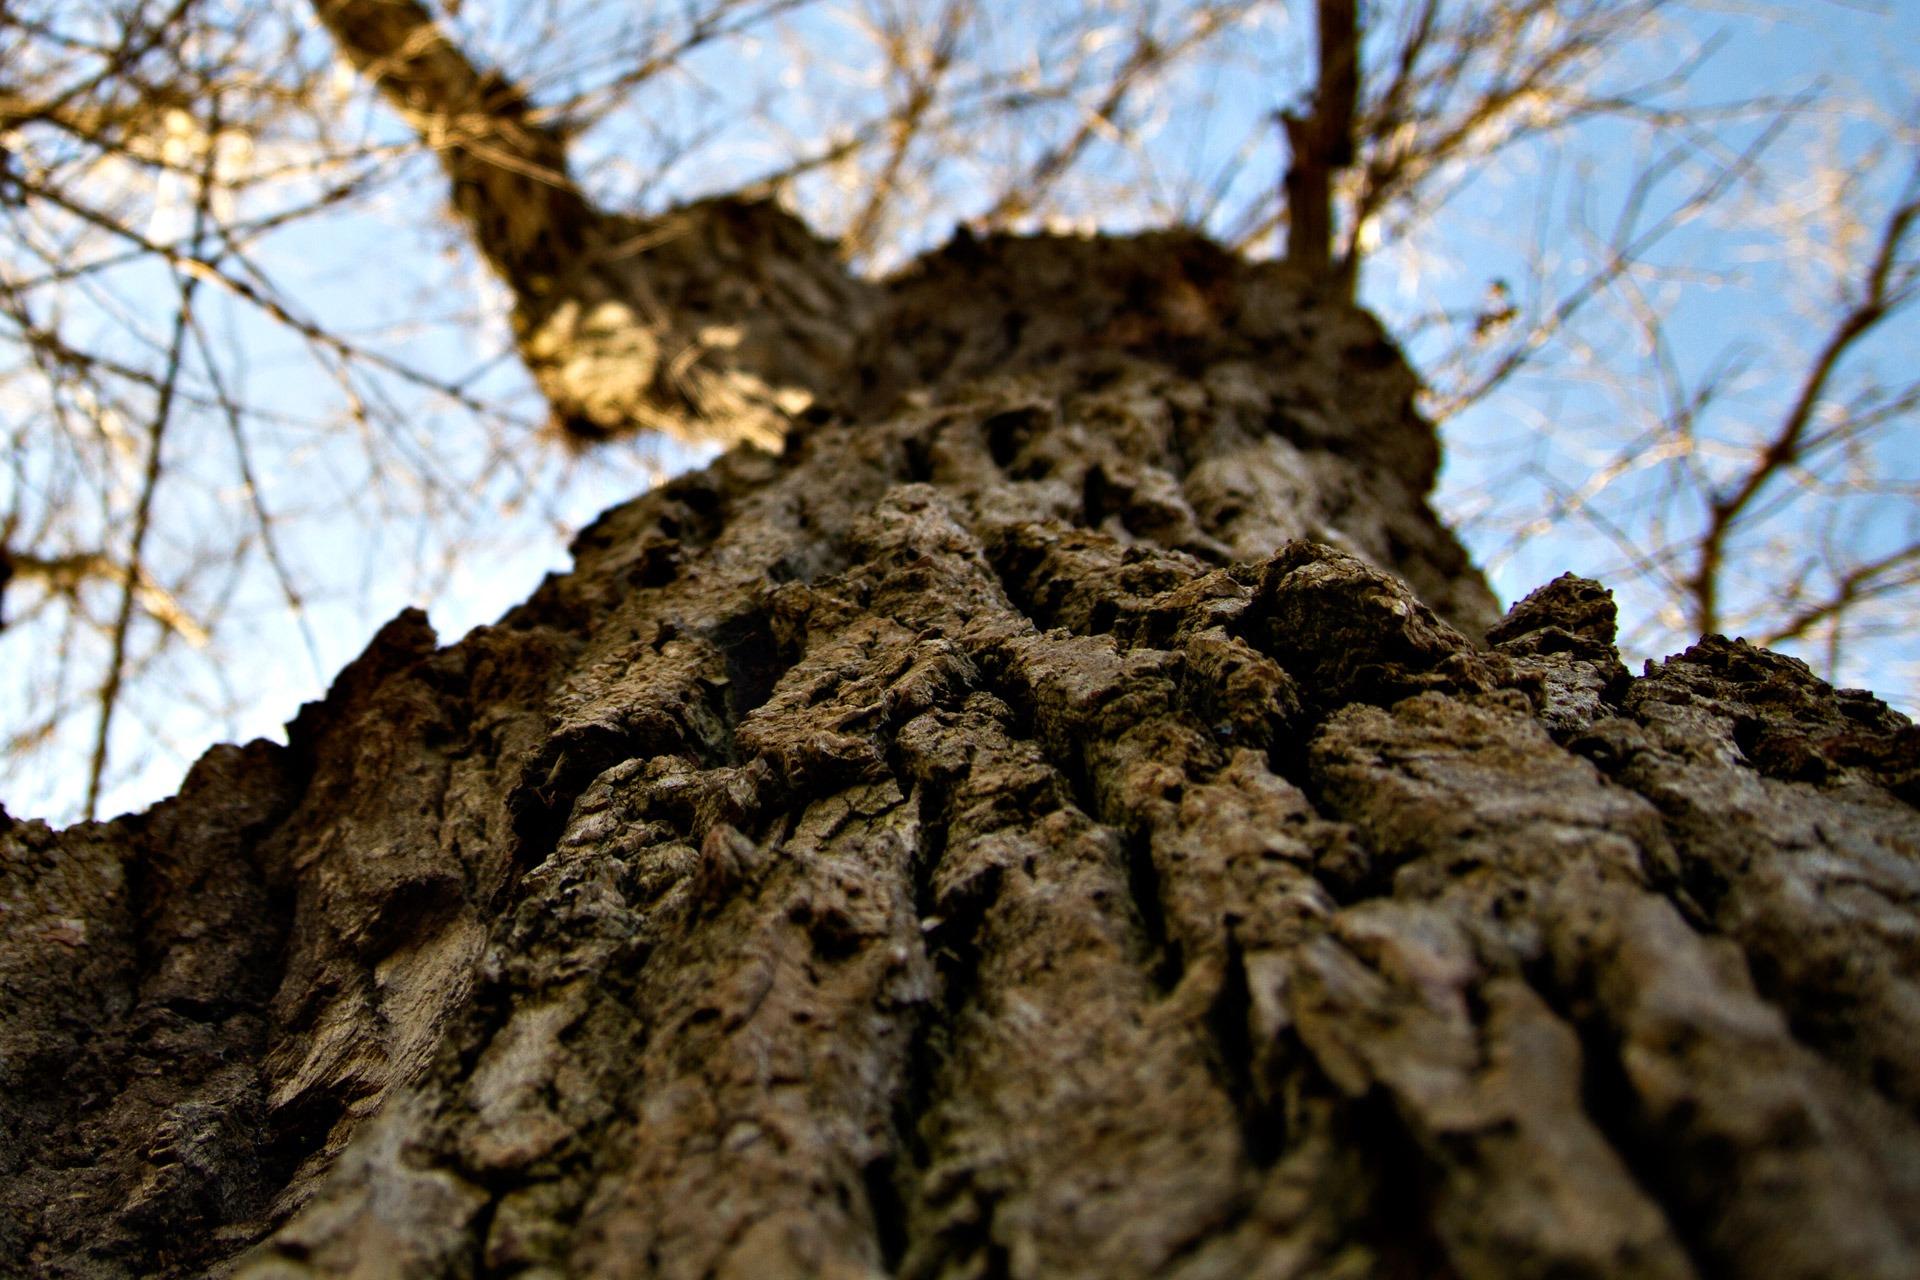 무료 이미지 자연 숲 황야 분기 목재 잎 꽃 트렁크 야생 생물 환경 가을 흙